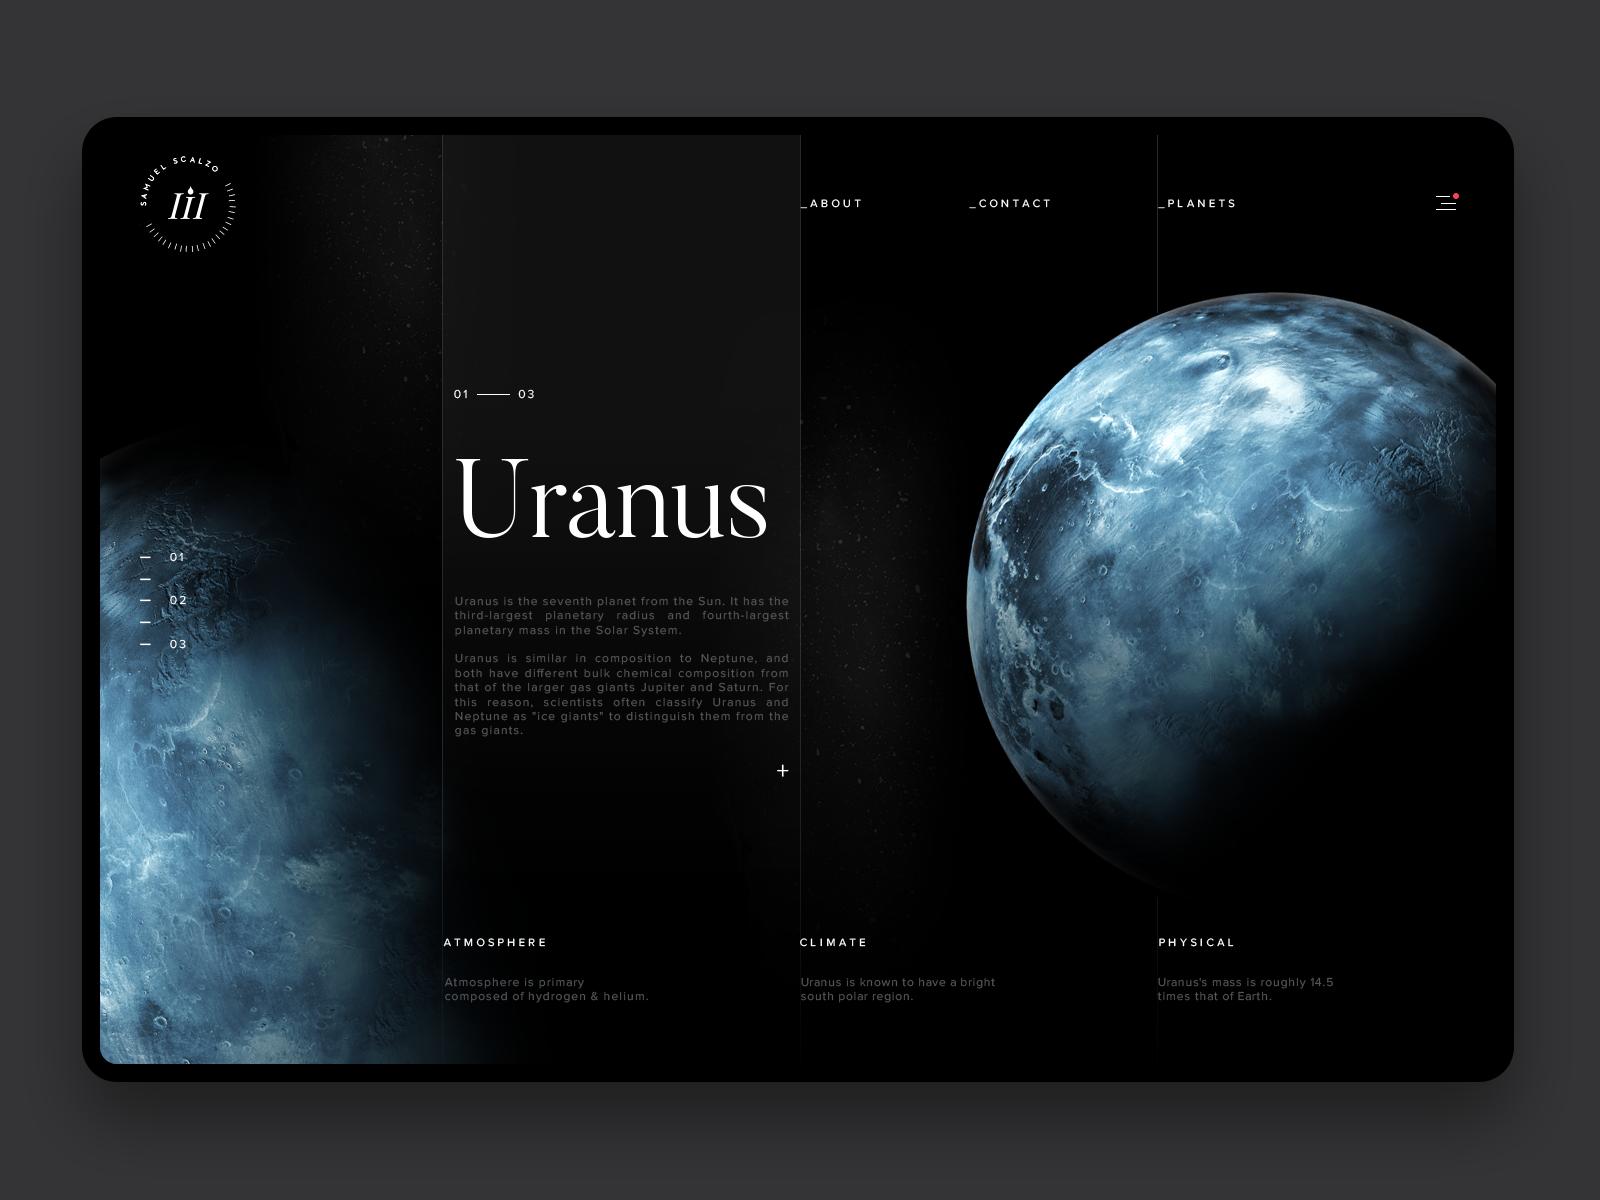 Space exploration uranus hd